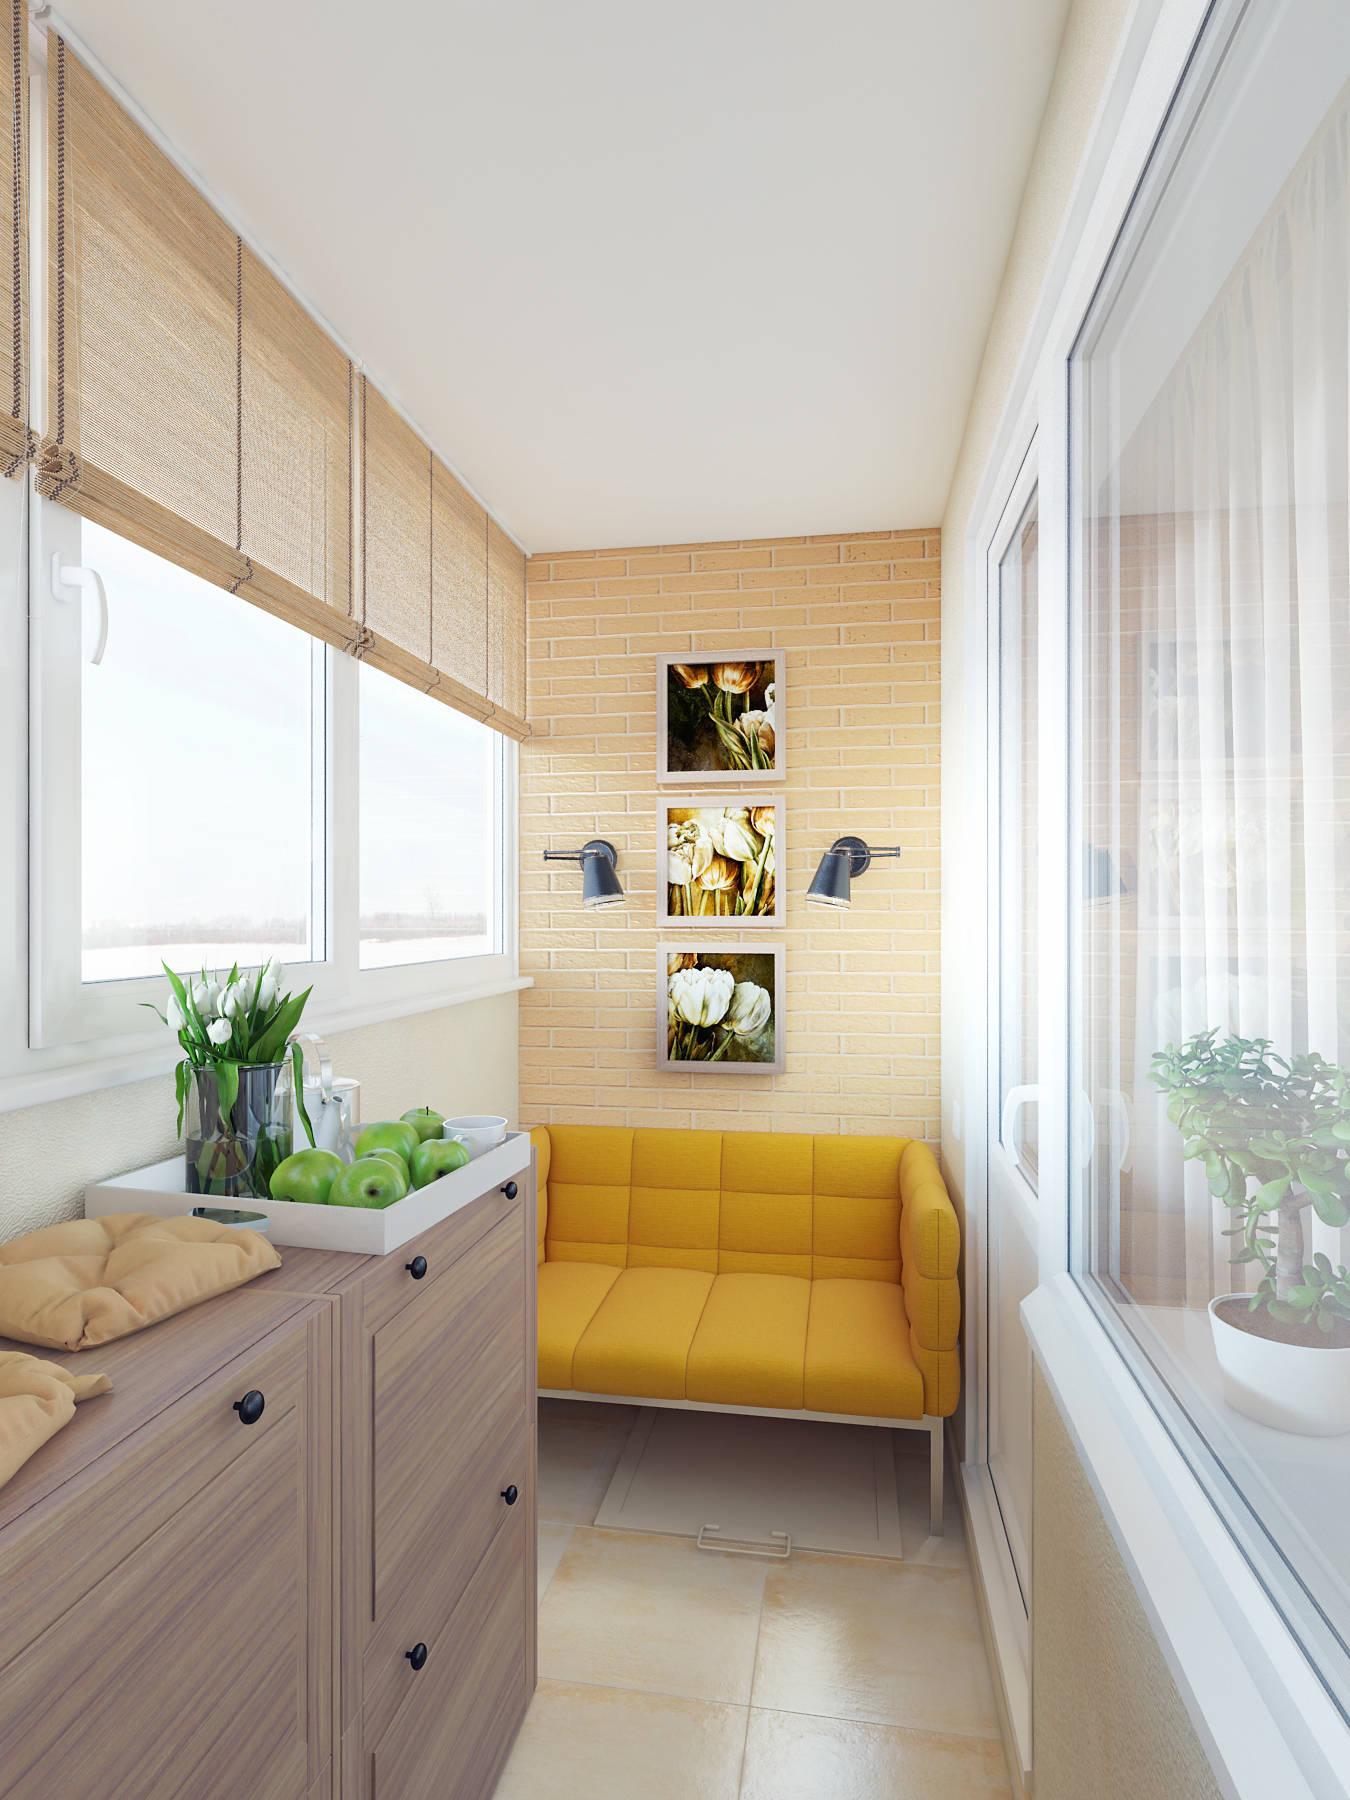 Балкон с диваном. балкон в бежевом цвете.#justhome #джастхоу.